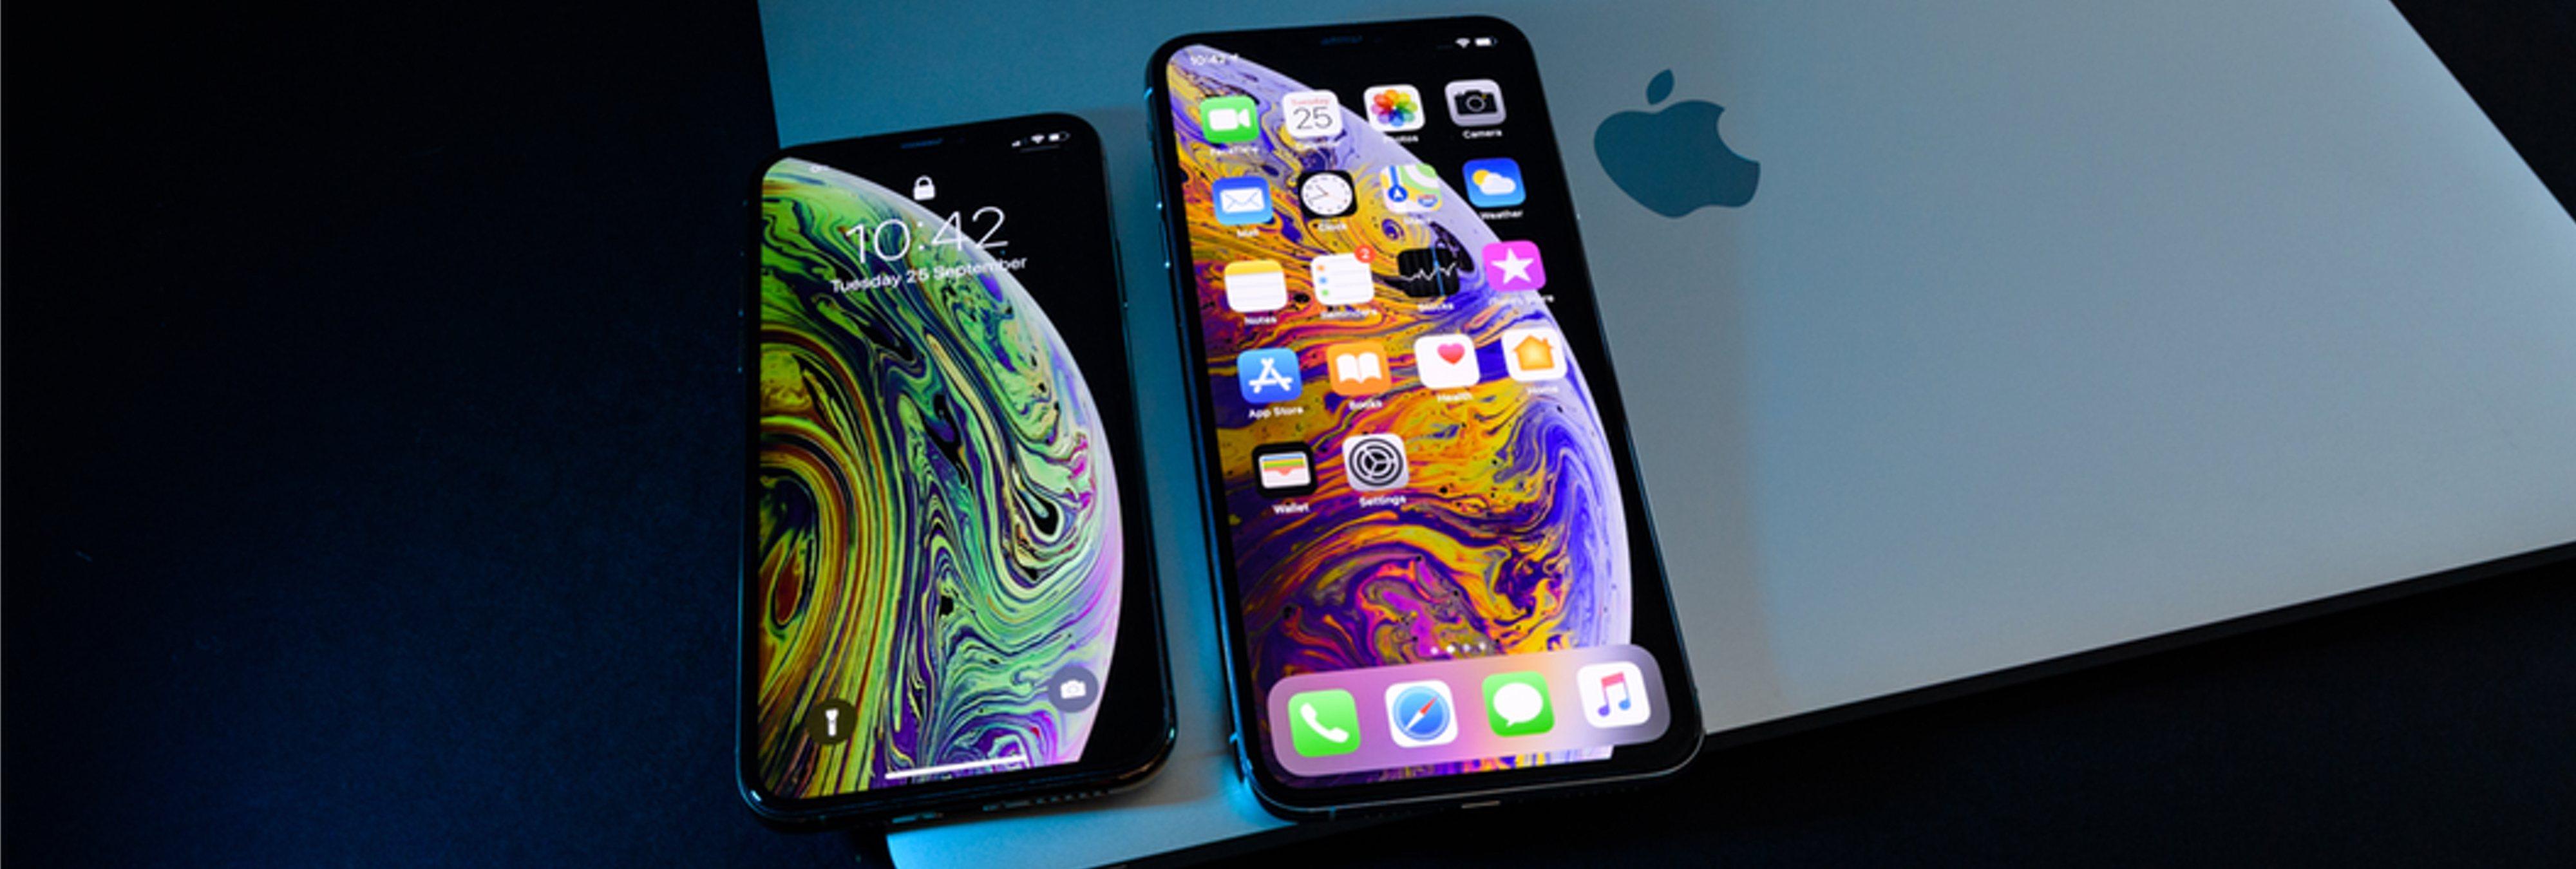 ¿Cuanto costará el iPhone 11 y cuánto rebajará Apple sus modelos anteriores?